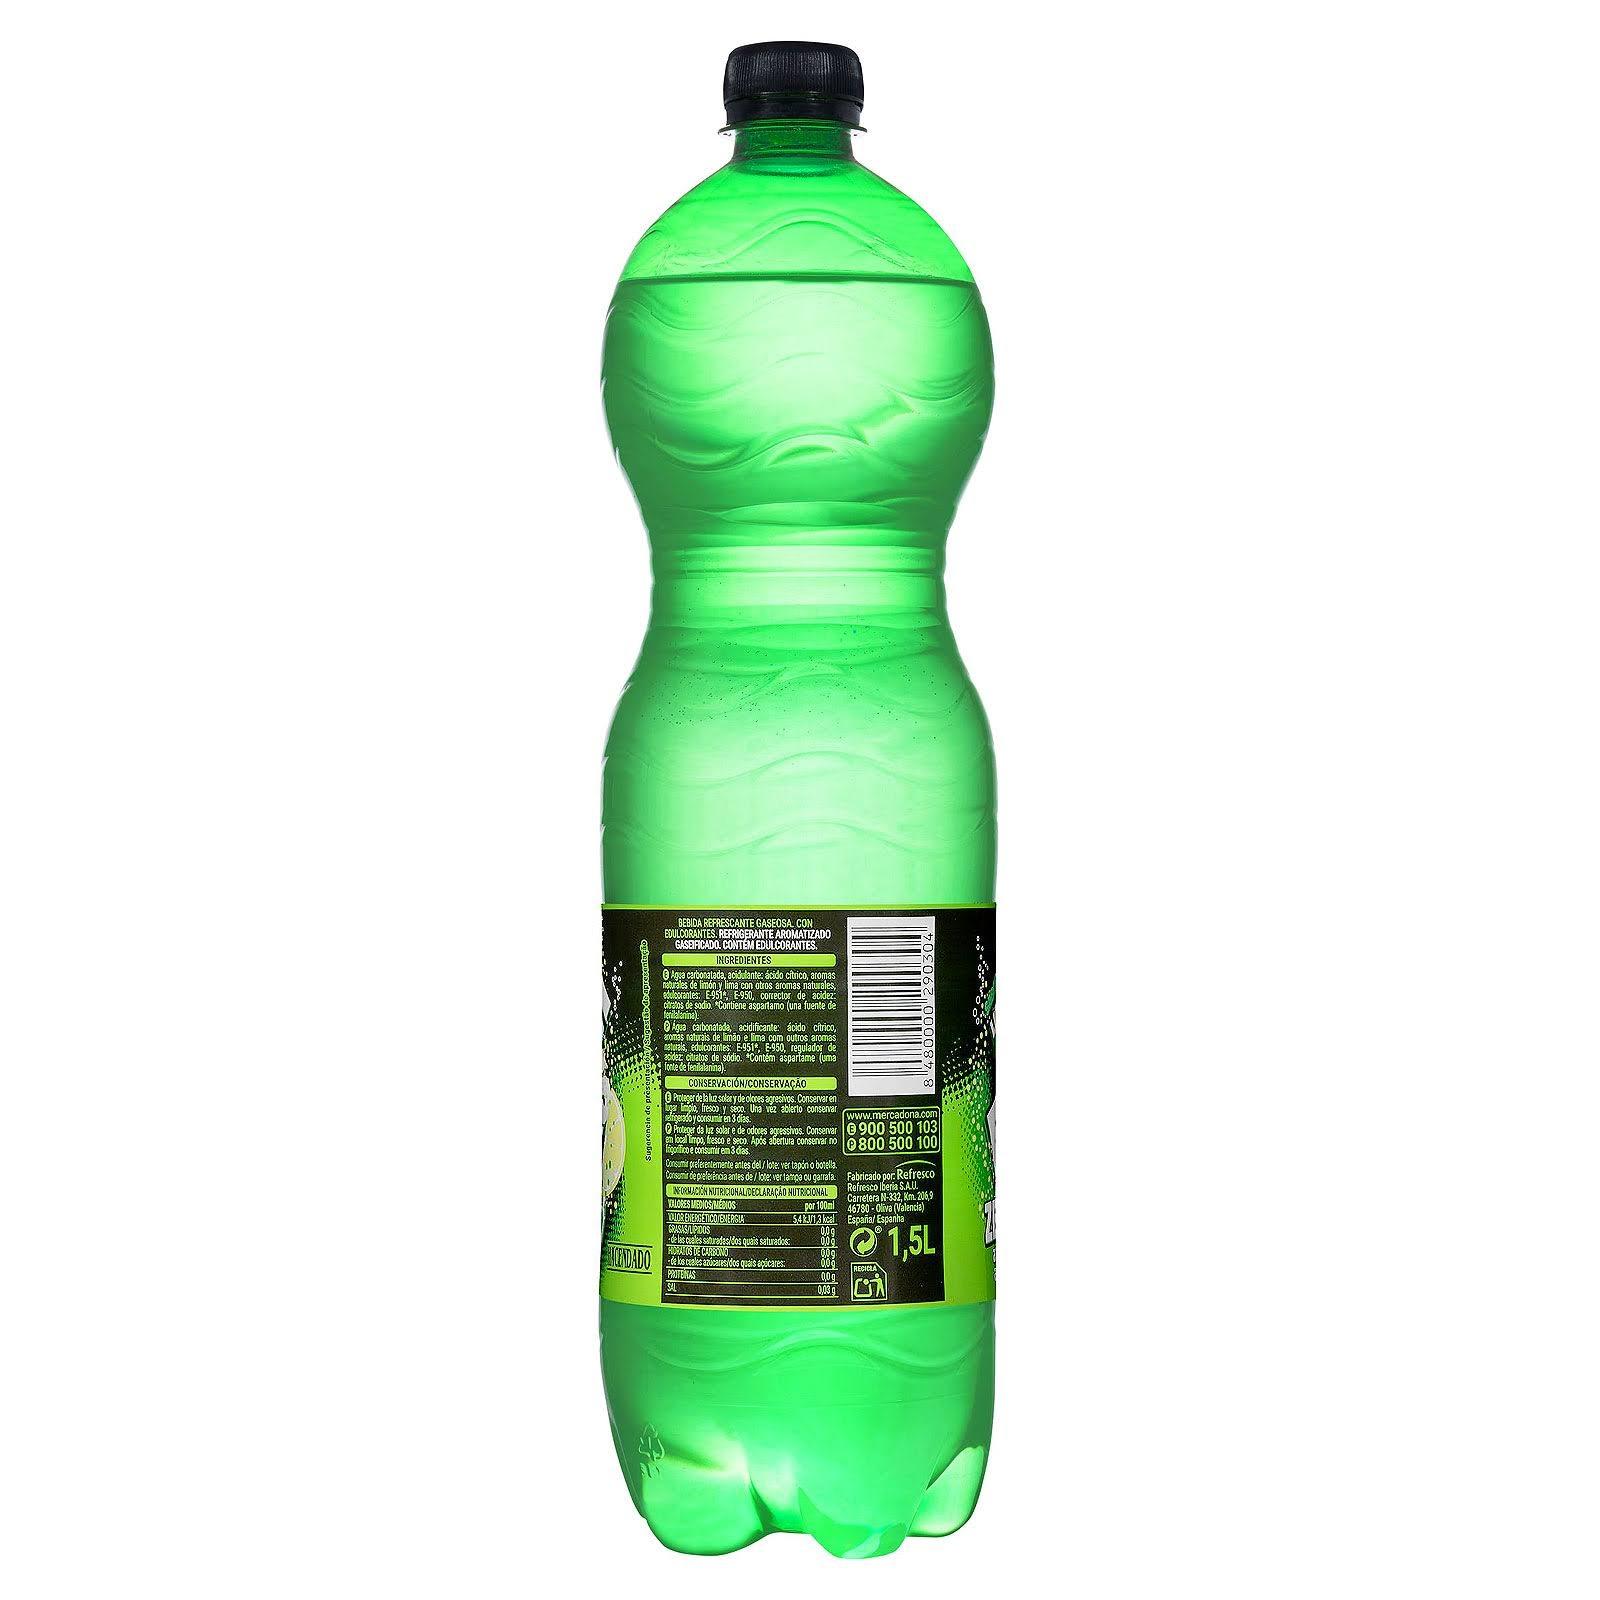 Refresco de lima-limón Fresh Gas zero Hacendado